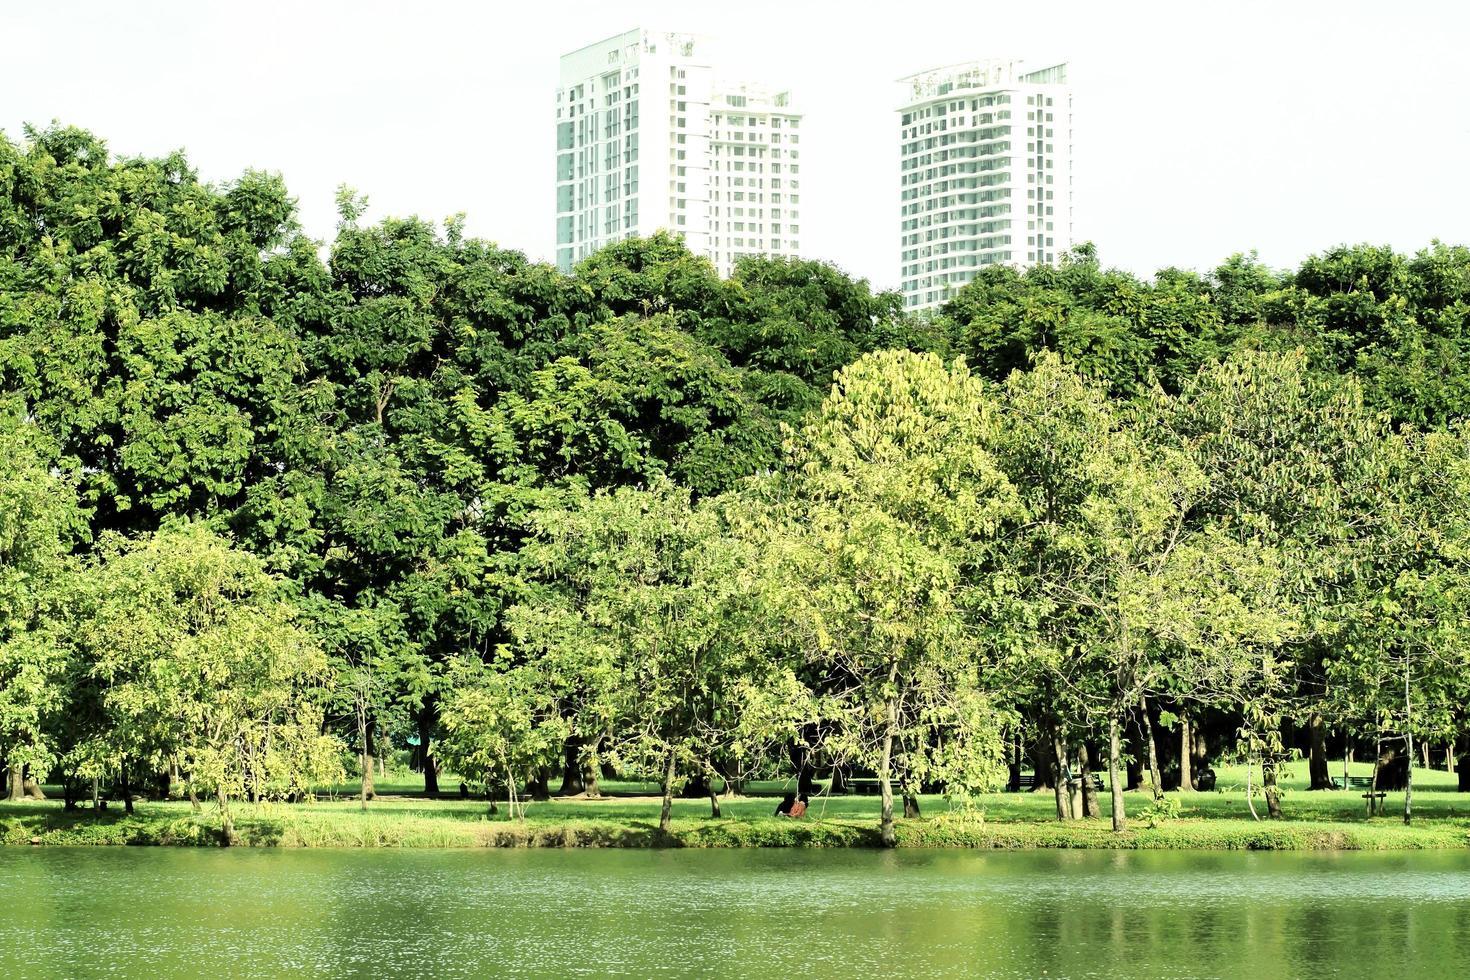 parc de la ville avec des gratte-ciel derrière les arbres photo